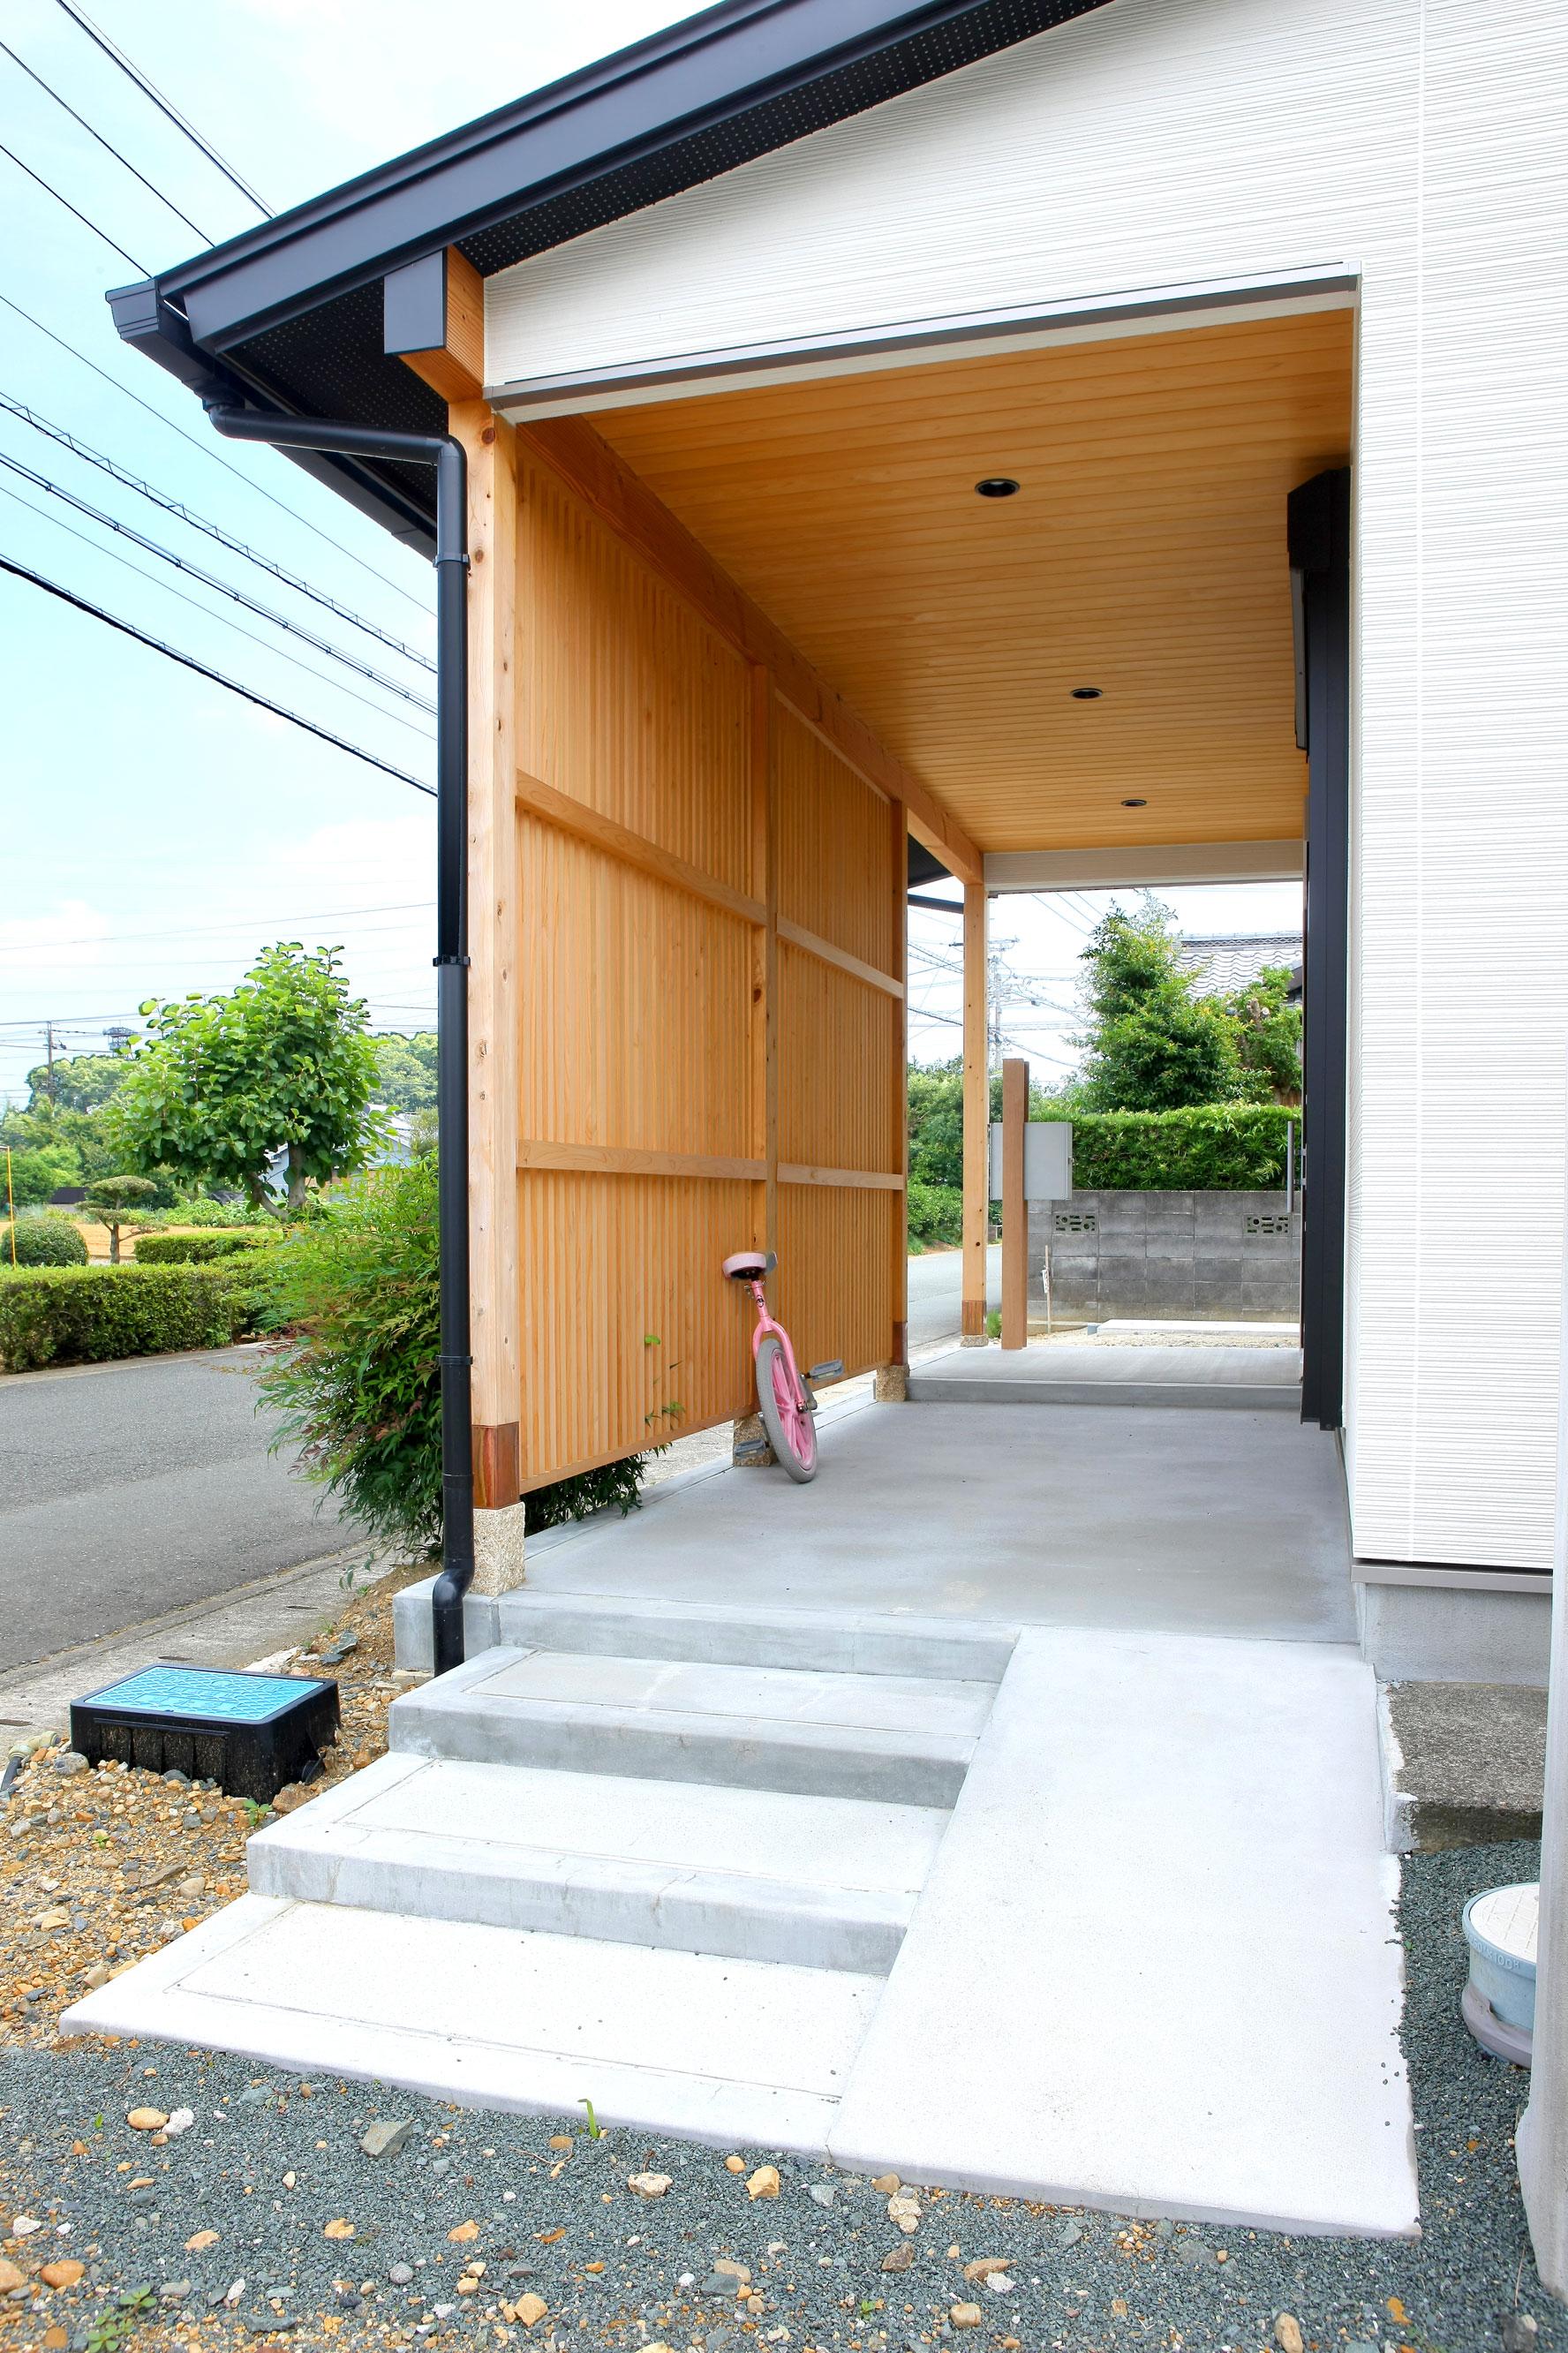 玄関ポーチは、深く張り出した庇で十分な広さを確保し、雨の日の出入りも快適に。スリット格子で通りからの視線を遮り、採光・通風を確保している。ブロック塀を撤去したことにより、道路に出ることなく直接駐車場に出入りできるようになった